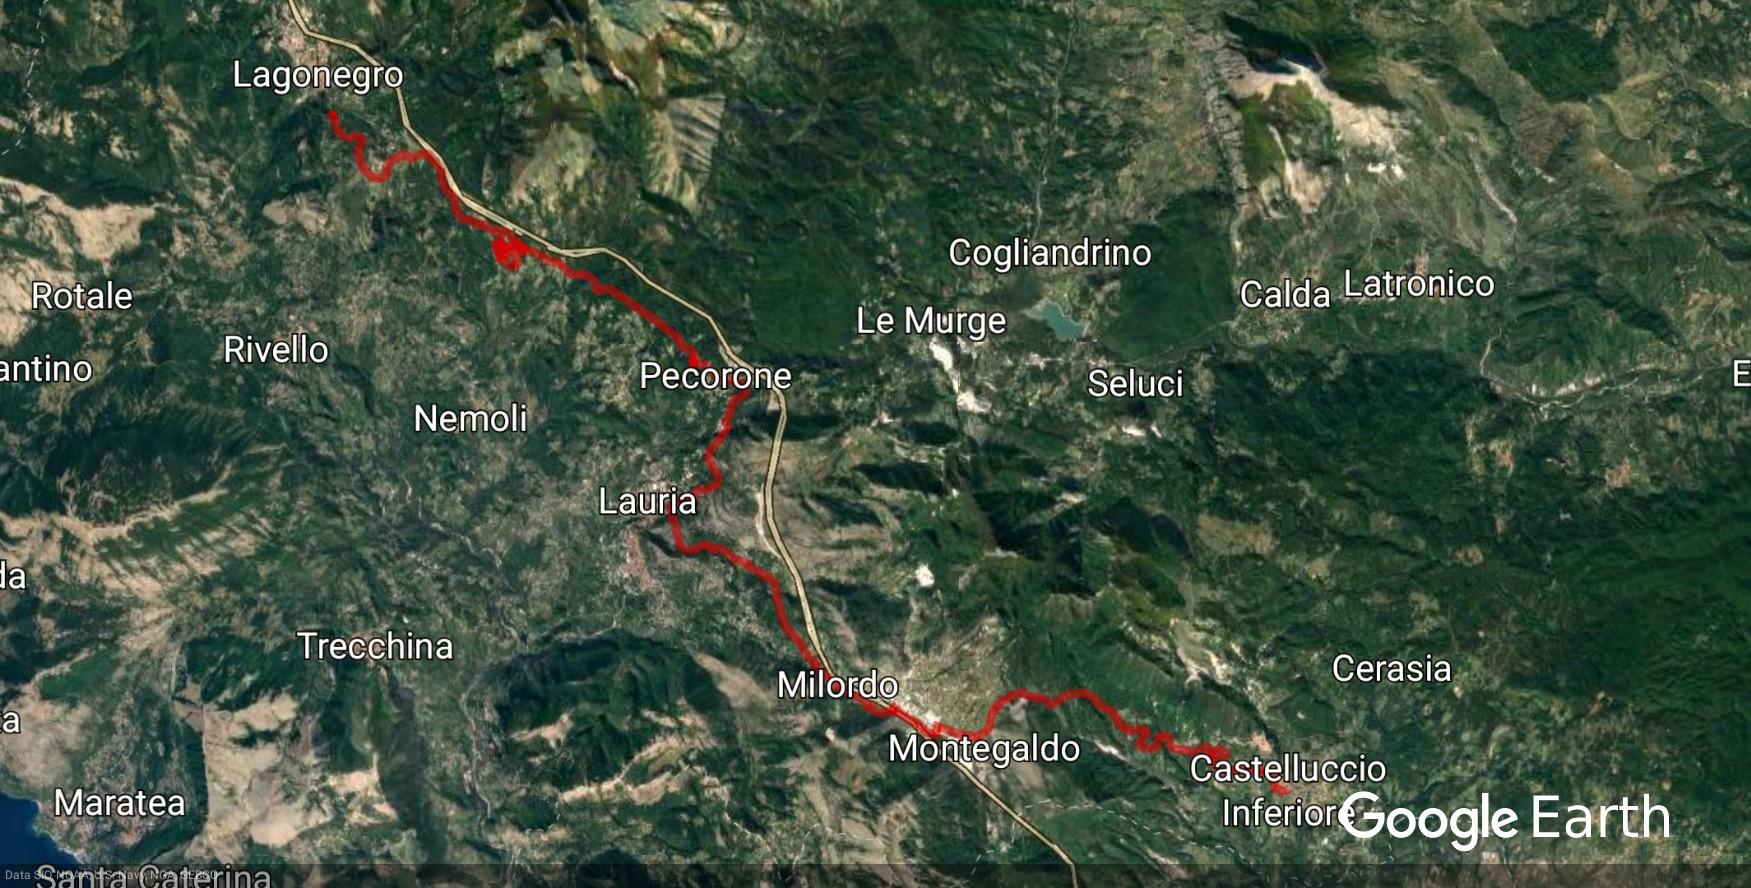 Maratea, Lagonegro-Spezzano, costa Ionica